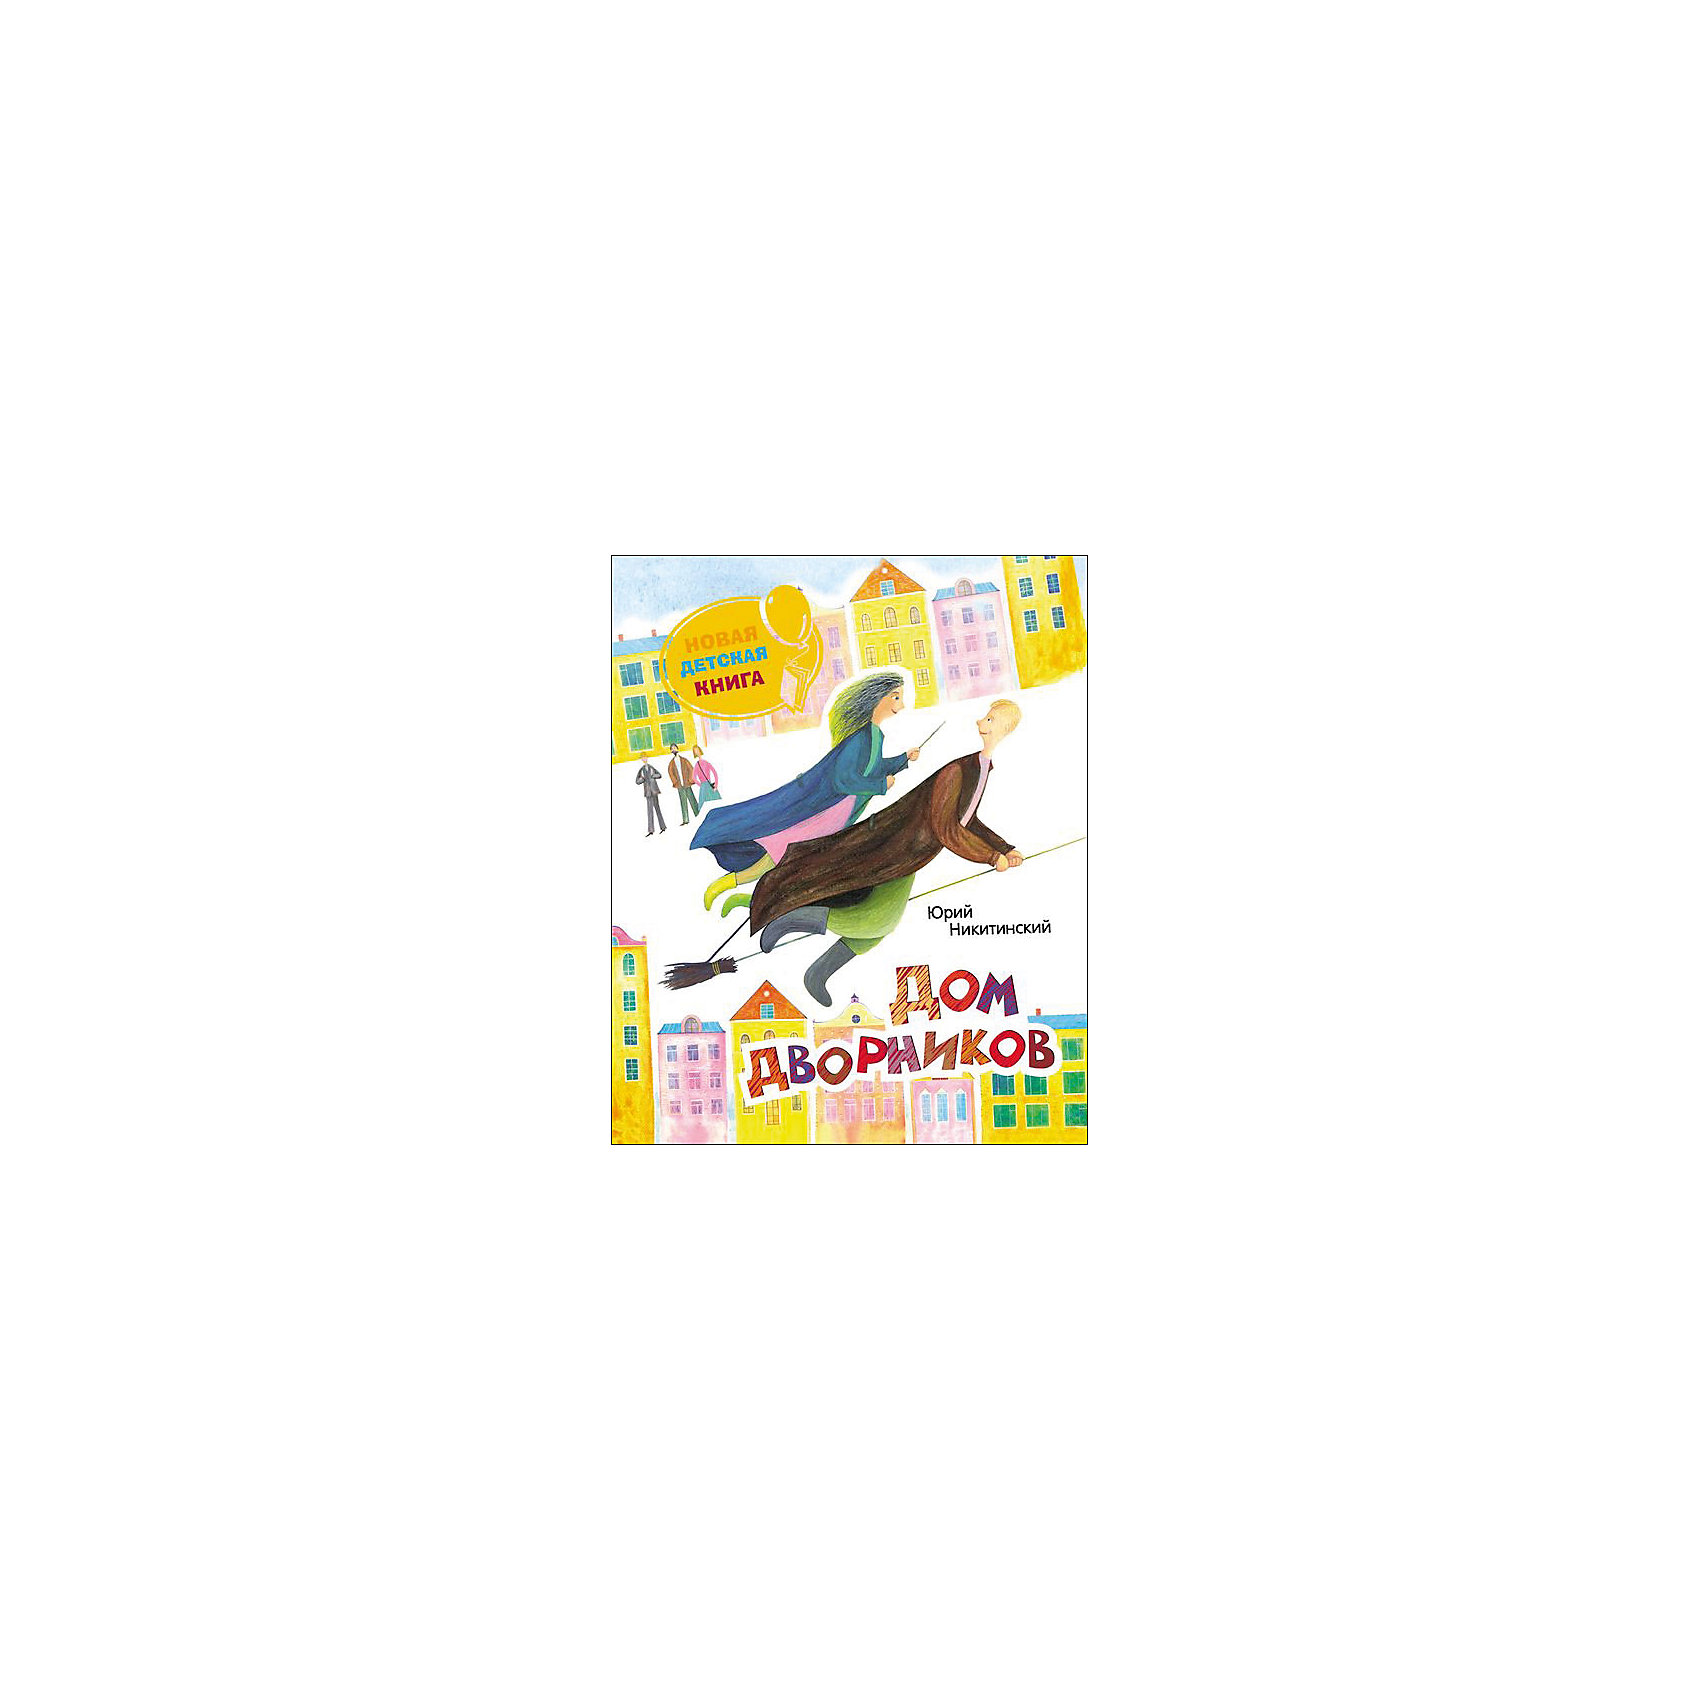 Дом дворников, Ю. НикитинскийРусские сказки<br>Характеристики товара:<br><br>- цвет: разноцветный;<br>- материал: бумага;<br>- страниц: 48;<br>- формат: 24 х 20 см;<br>- обложка: твердая;<br>- иллюстрации.<br><br>Эта интересная книга с иллюстрациями станет отличным подарком для ребенка. Она содержит в себе сказку, которая полюбилась уже многим! Талантливый иллюстратор дополнил книгу качественными рисунками, которые помогают ребенку проникнуться духом сказки.<br>Чтение - отличный способ активизации мышления, оно помогает ребенку развивать зрительную память, концентрацию внимания и воображение. Издание произведено из качественных материалов, которые безопасны даже для самых маленьких.<br><br>Книгу Дом дворников, Ю. Никитинский от компании Росмэн можно купить в нашем интернет-магазине.<br><br>Ширина мм: 240<br>Глубина мм: 205<br>Высота мм: 7<br>Вес г: 300<br>Возраст от месяцев: 60<br>Возраст до месяцев: 84<br>Пол: Унисекс<br>Возраст: Детский<br>SKU: 5109921